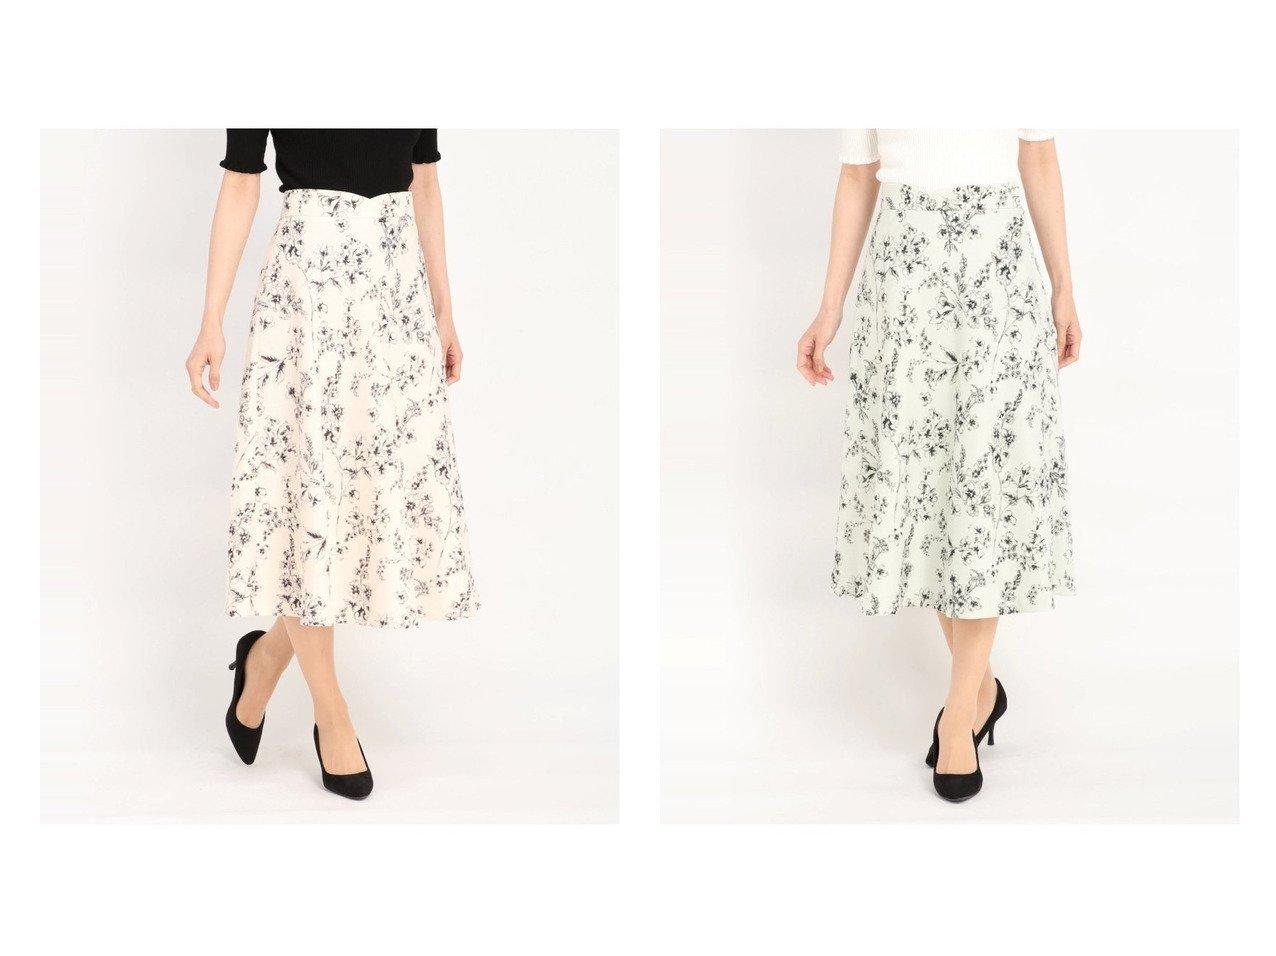 【STRAWBERRY FIELDS/ストロベリーフィールズ】のSTRAWBERRY-エチュードII スカート おすすめ!人気トレンド・レディースファッション通販 おすすめで人気の流行・トレンド、ファッションの通販商品 インテリア・家具・メンズファッション・キッズファッション・レディースファッション・服の通販 founy(ファニー) https://founy.com/ ファッション Fashion レディースファッション WOMEN スカート Skirt Aライン/フレアスカート Flared A-Line Skirts バスケット フレア プリント ボタニカル 今季 |ID:crp329100000046294